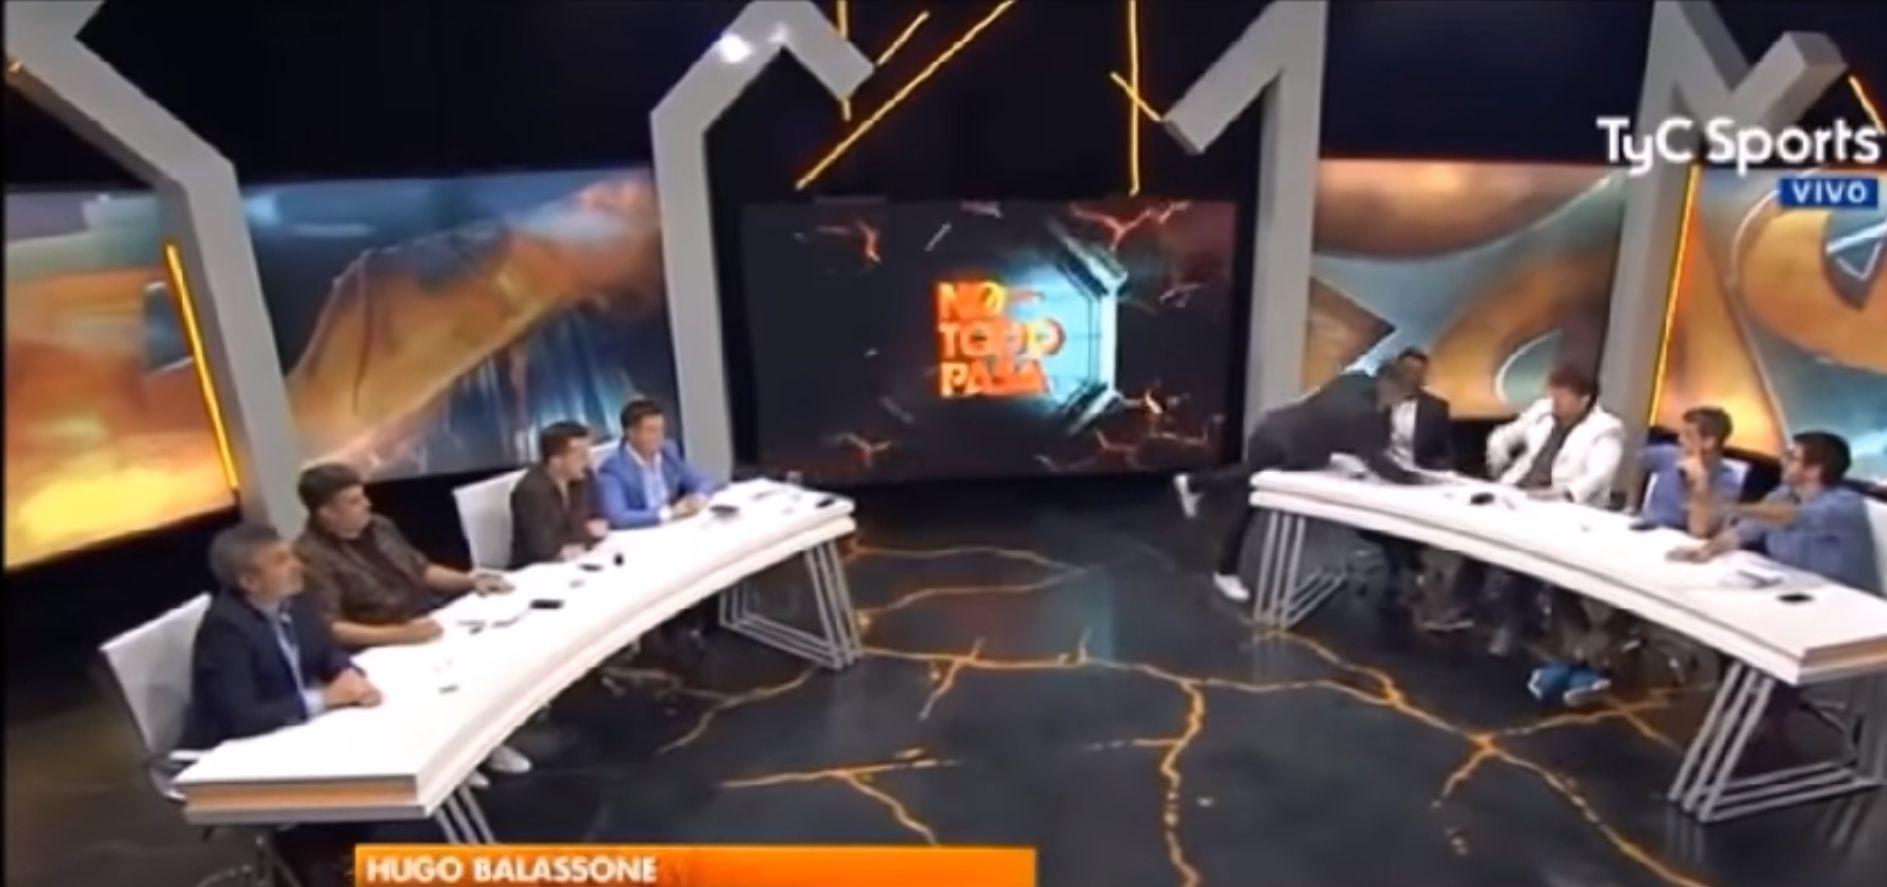 Un conductor  de TV se enojó con un panelista y lo quiso echar del programa